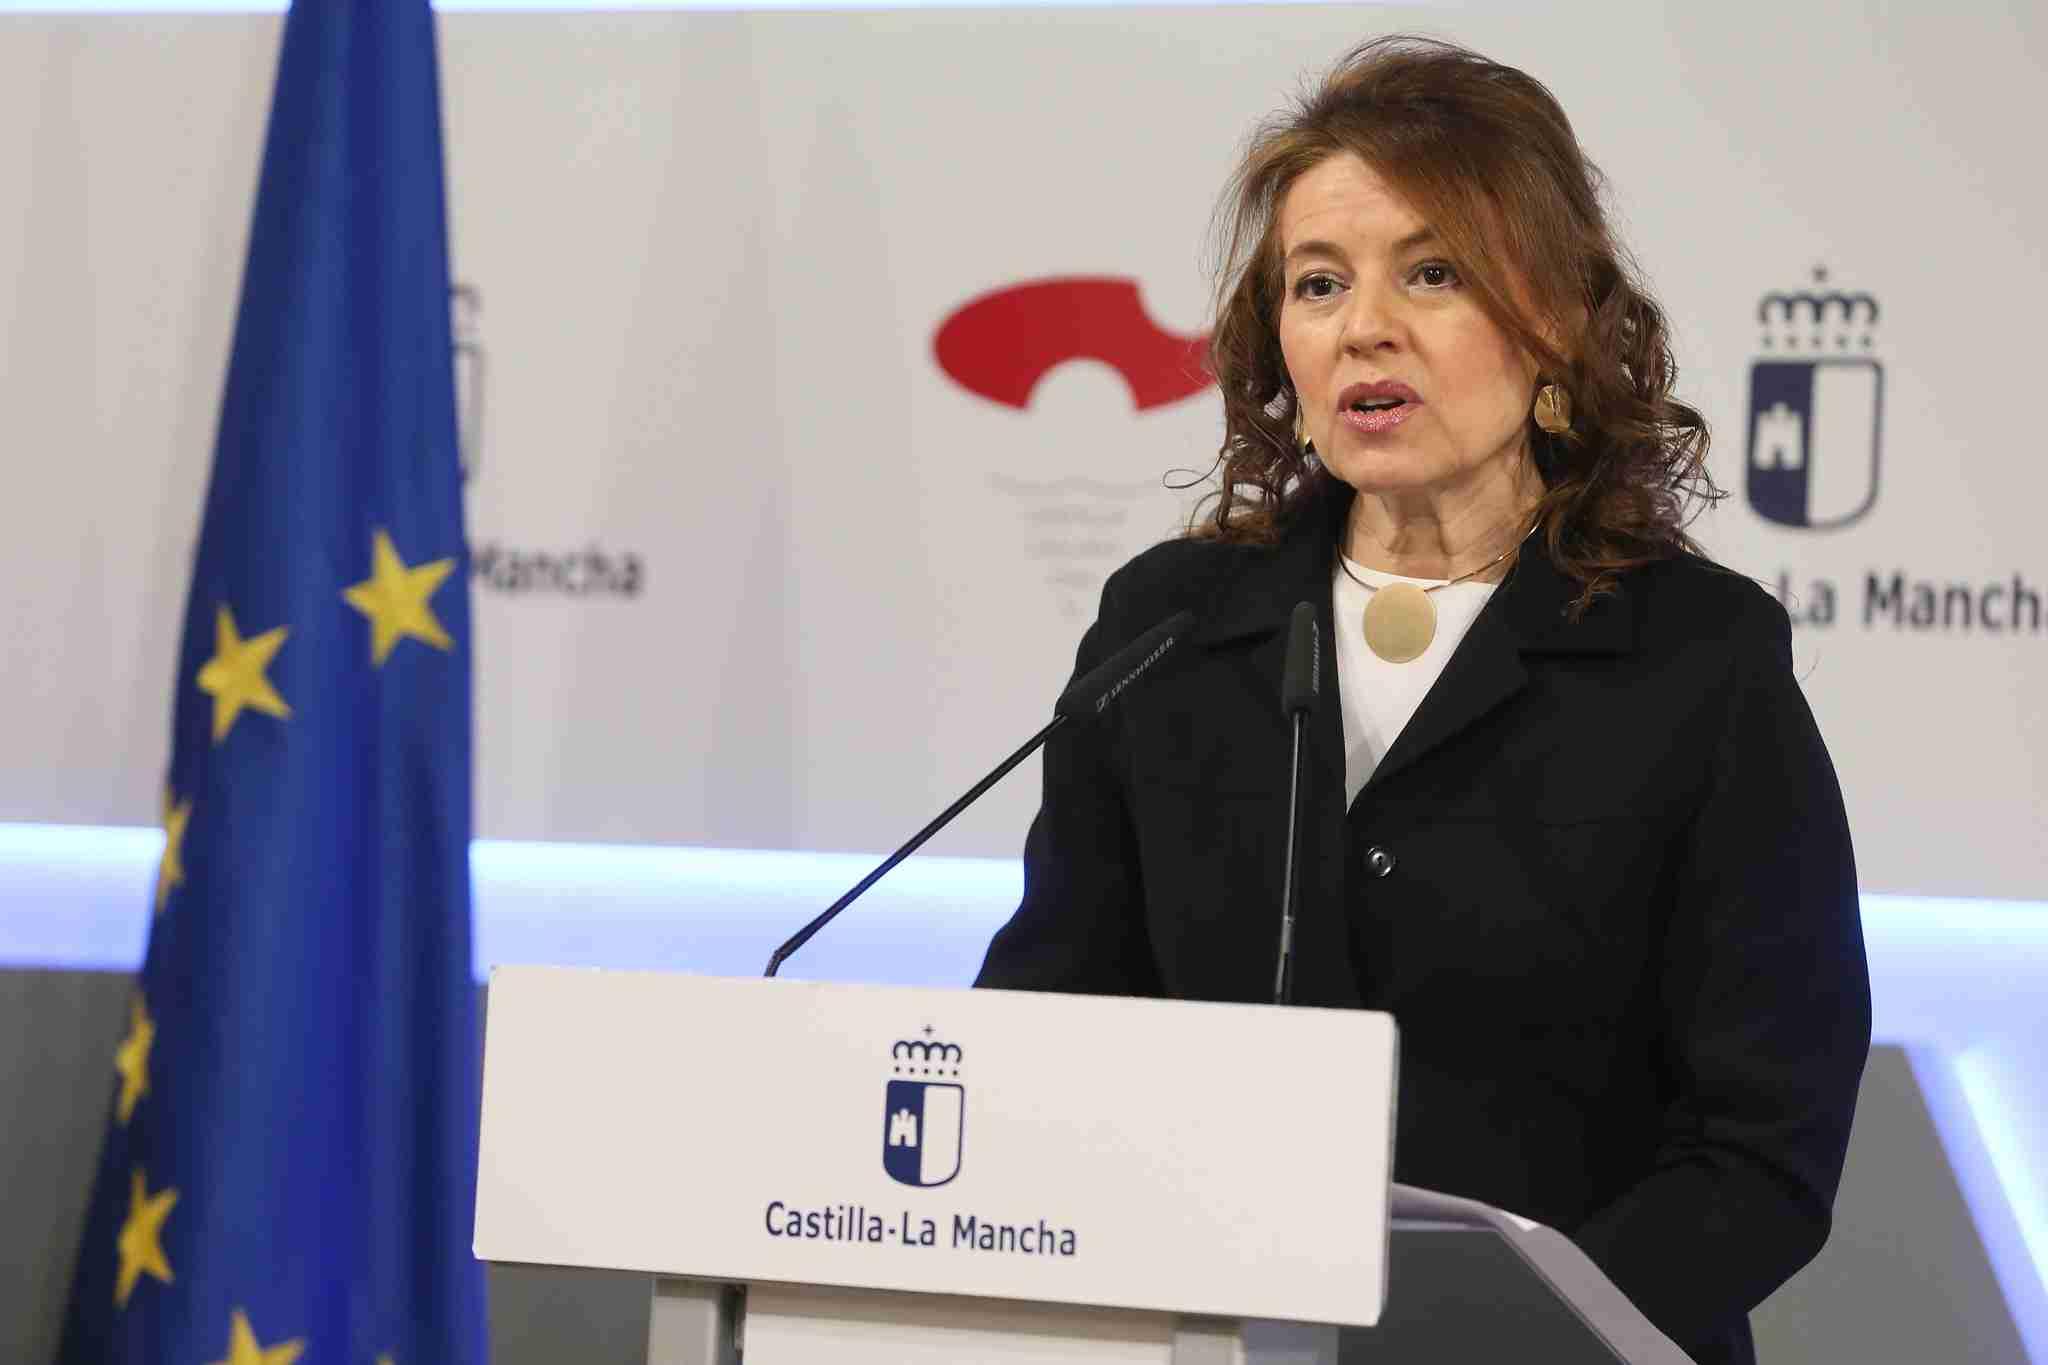 El Consejo de Gobierno autoriza la resolución de la convocatoria de subvenciones con cargo al IRPF para 2019 1